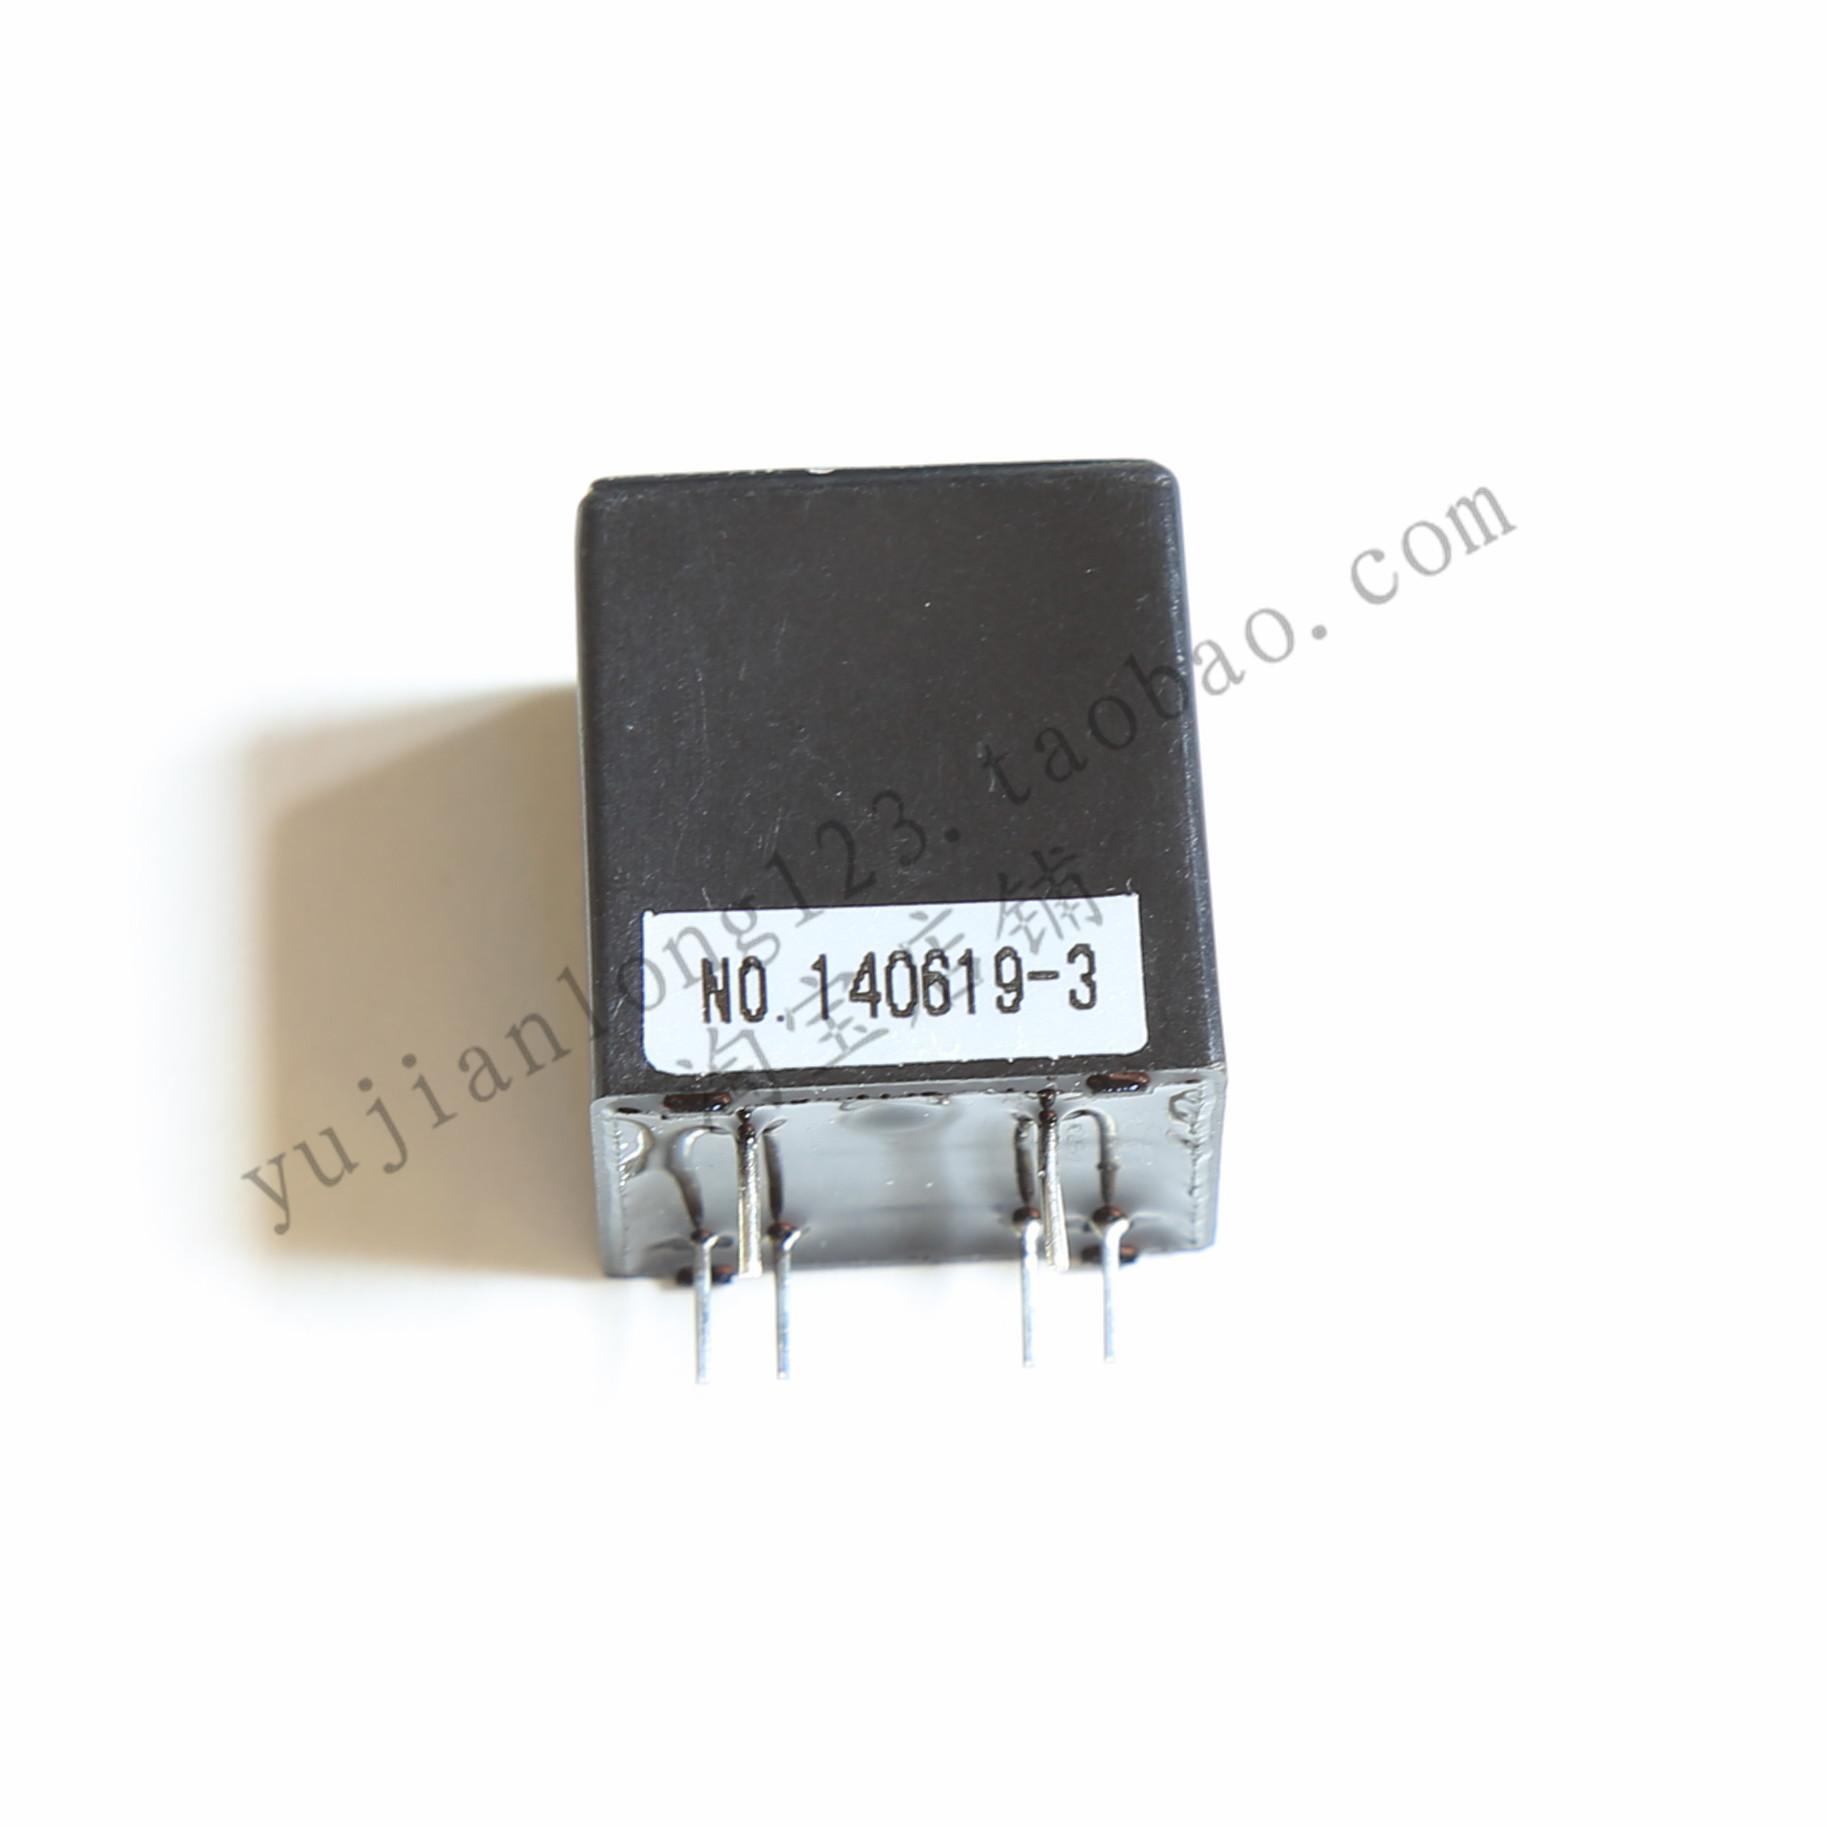 QBC-PS3.35A-30A مصدر واحد قاعة الاستشعار الحالية 15A25A امدادات الطاقة الجهد الخامس